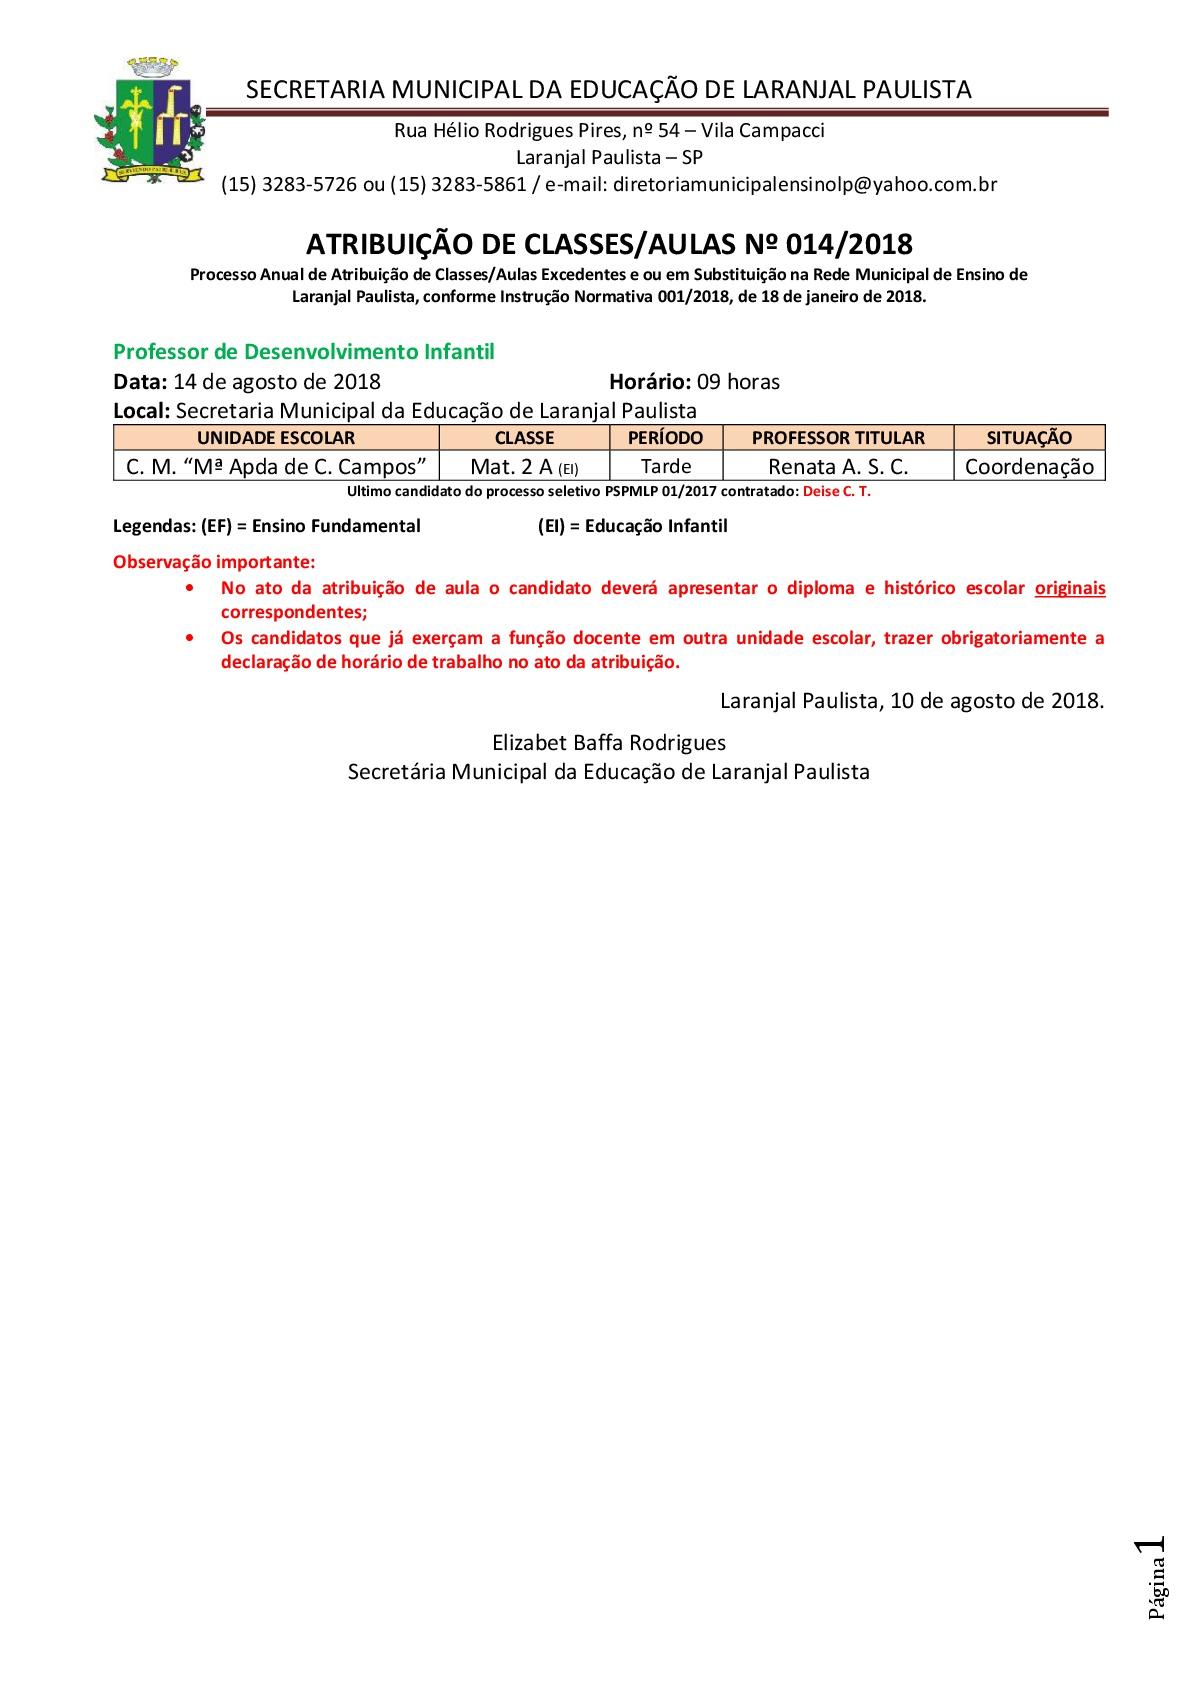 Atribuição de classes e ou aulas excedentes nº 014-2018